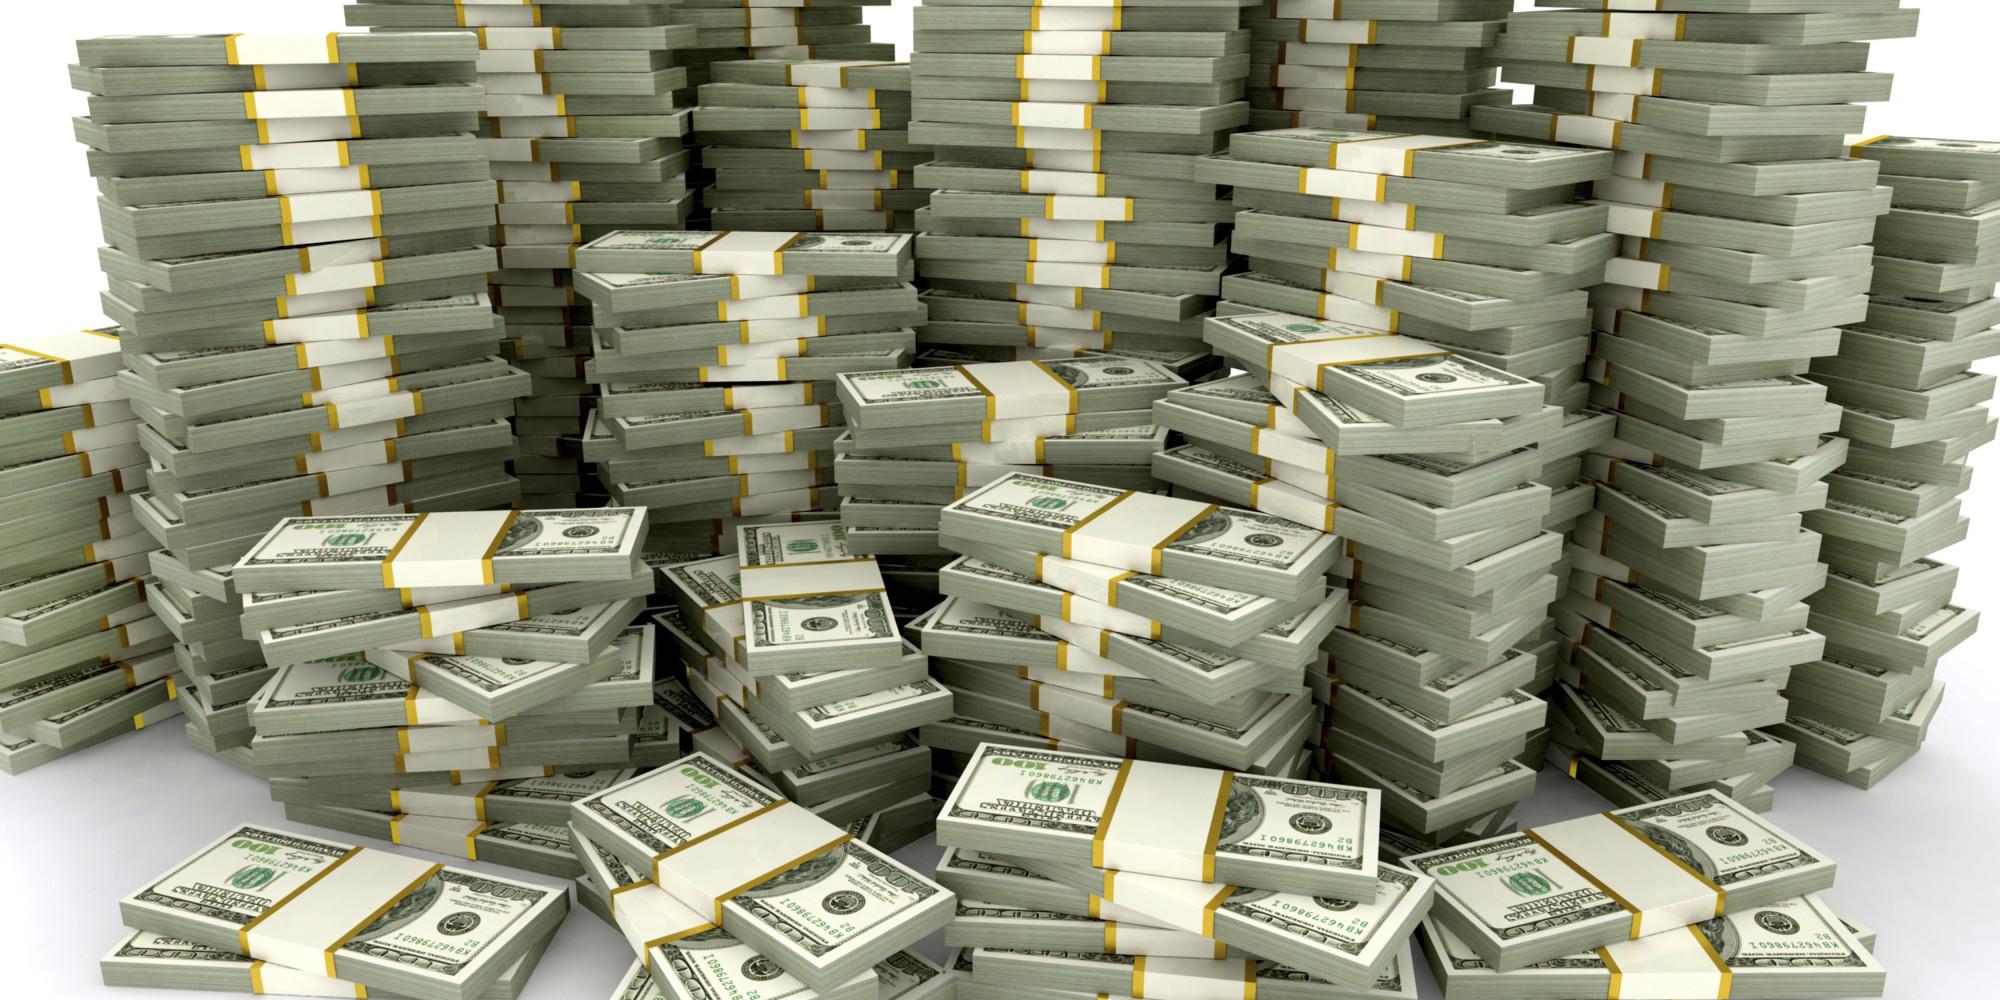 действия доллар пачкам фото сидя удочкой